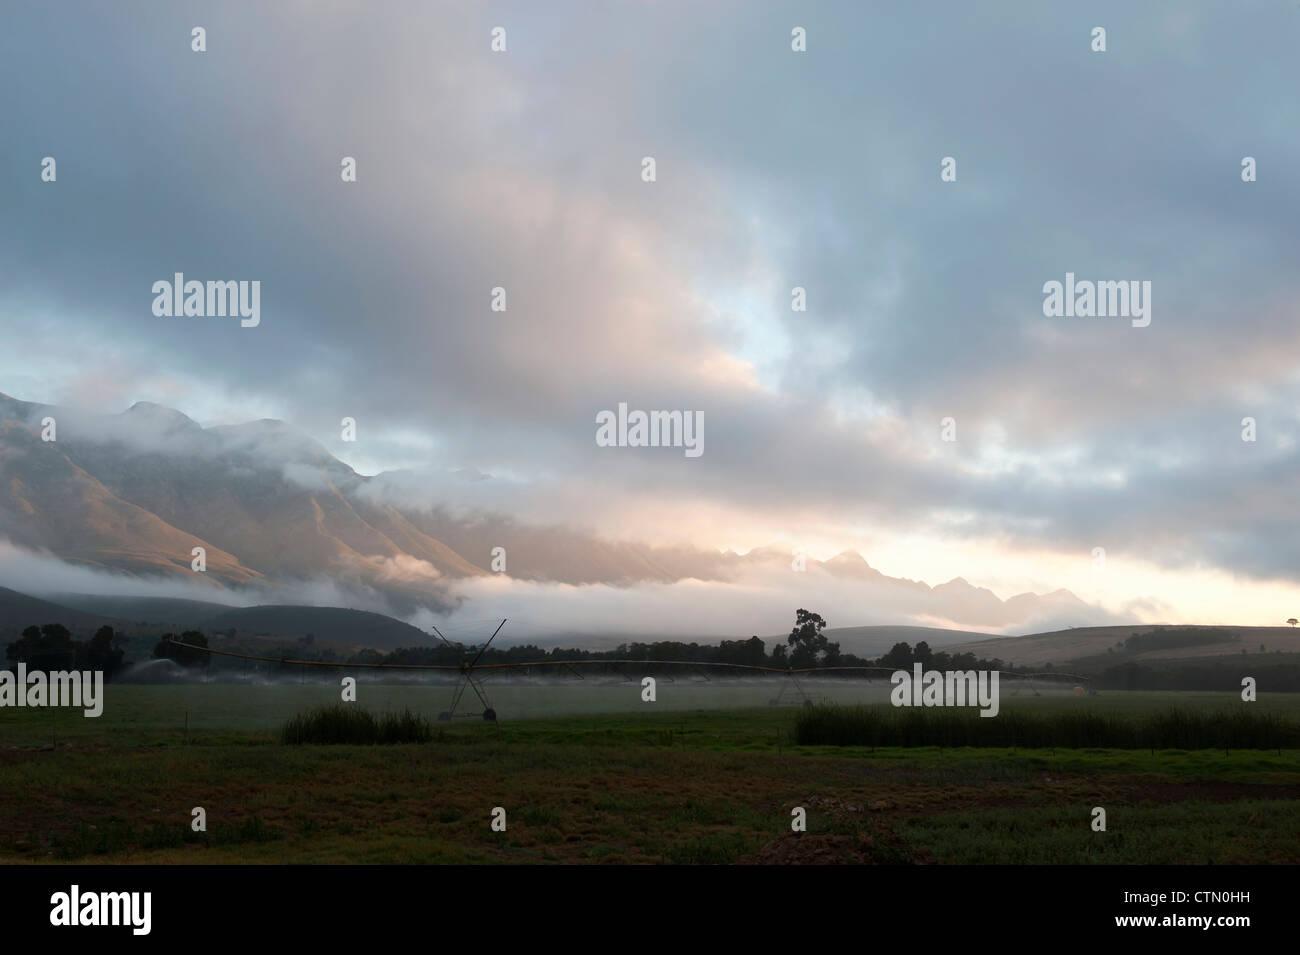 Temprano en la mañana el riego de Lucerna, Overberg cerca Grayton Riviersonderend diario, Montañas, Western Cape, Sudáfrica Foto de stock